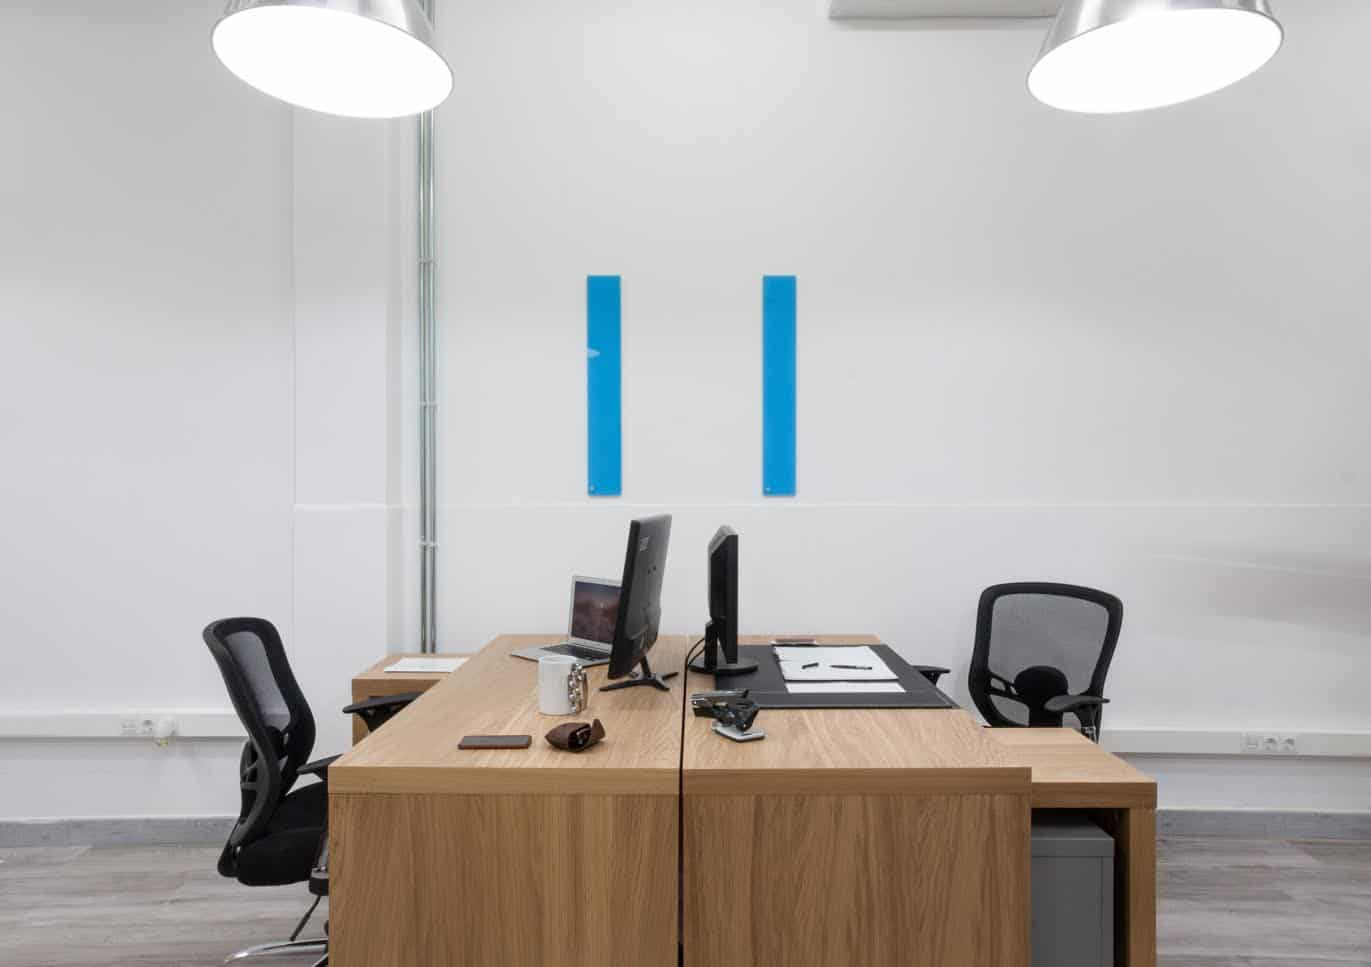 El Despacho Coworking Desks